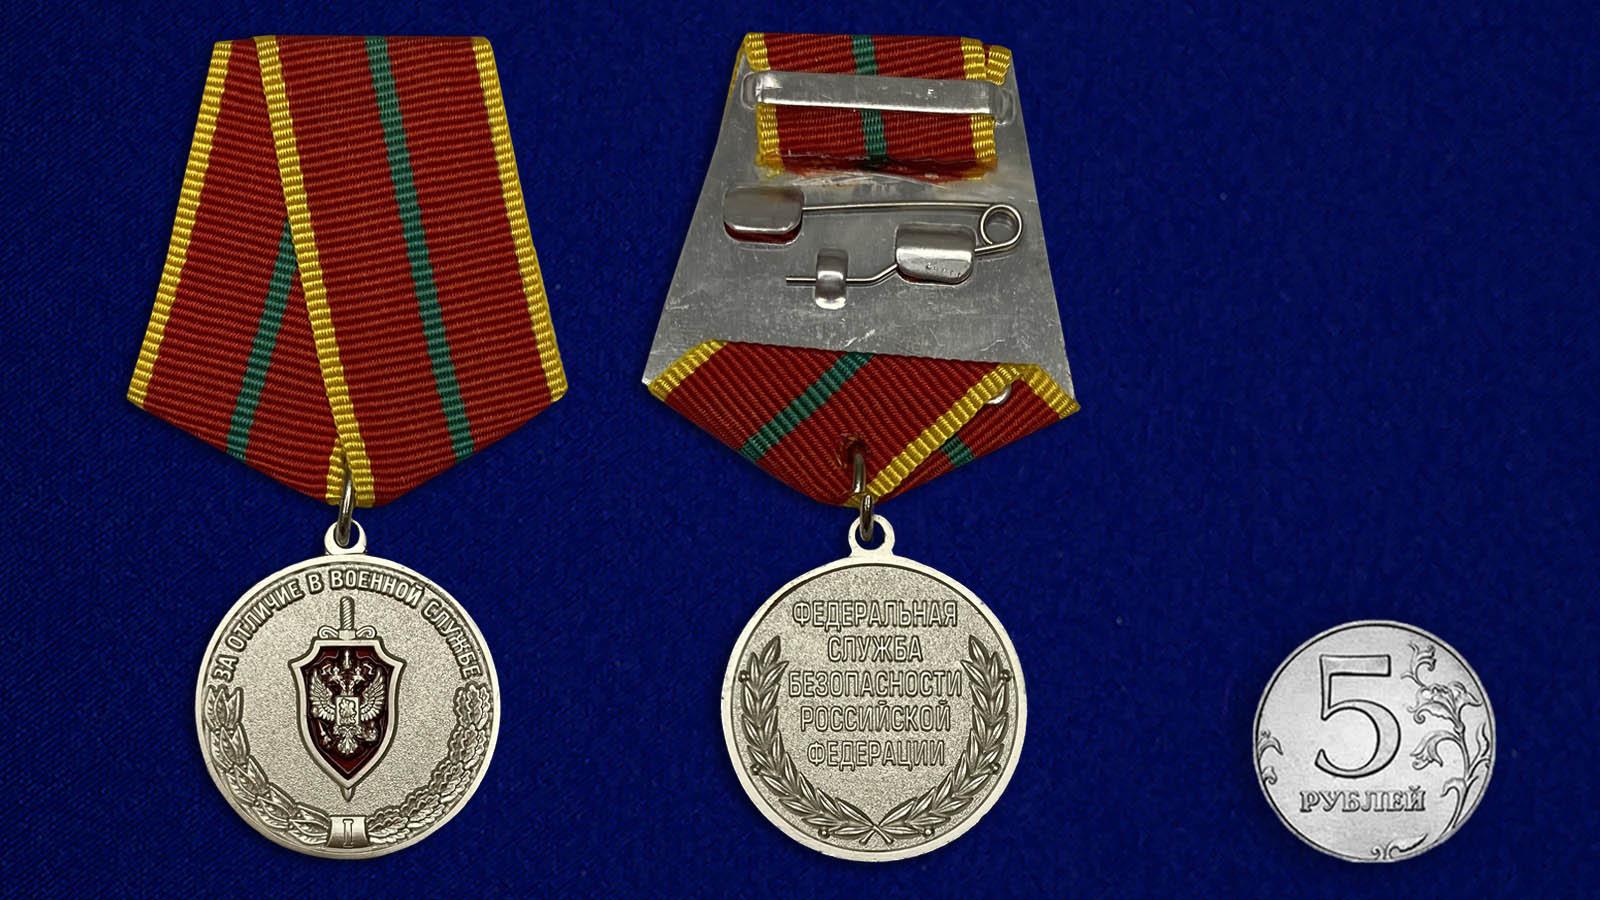 """Медаль """"За отличие в военной службе"""" (ФСБ) I степени - сравнительный размер"""